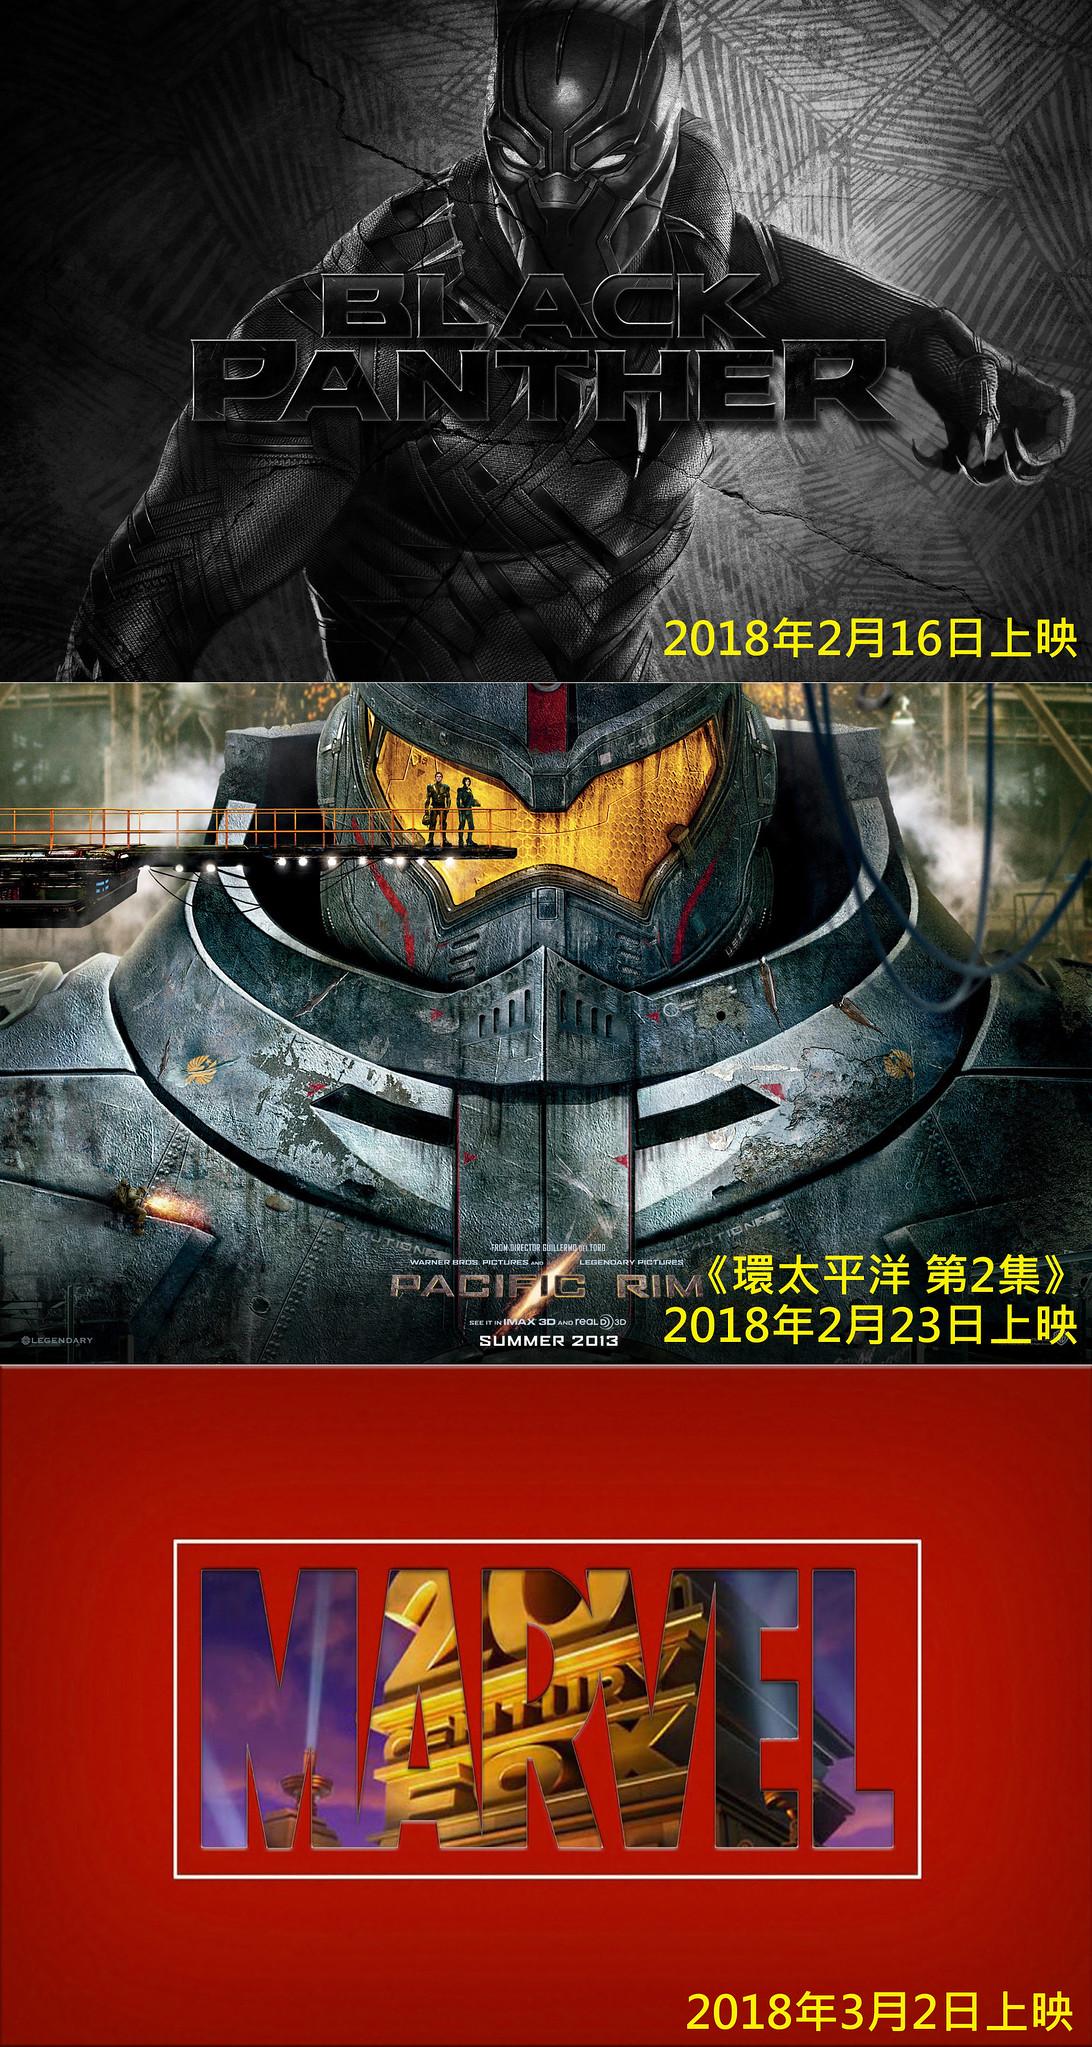 160705(2) - 勇敢面對《黑豹》等超級英雄包夾、巨大機器人vs.邪惡獸電影《環太平洋2》宣布2018/2/23上映!